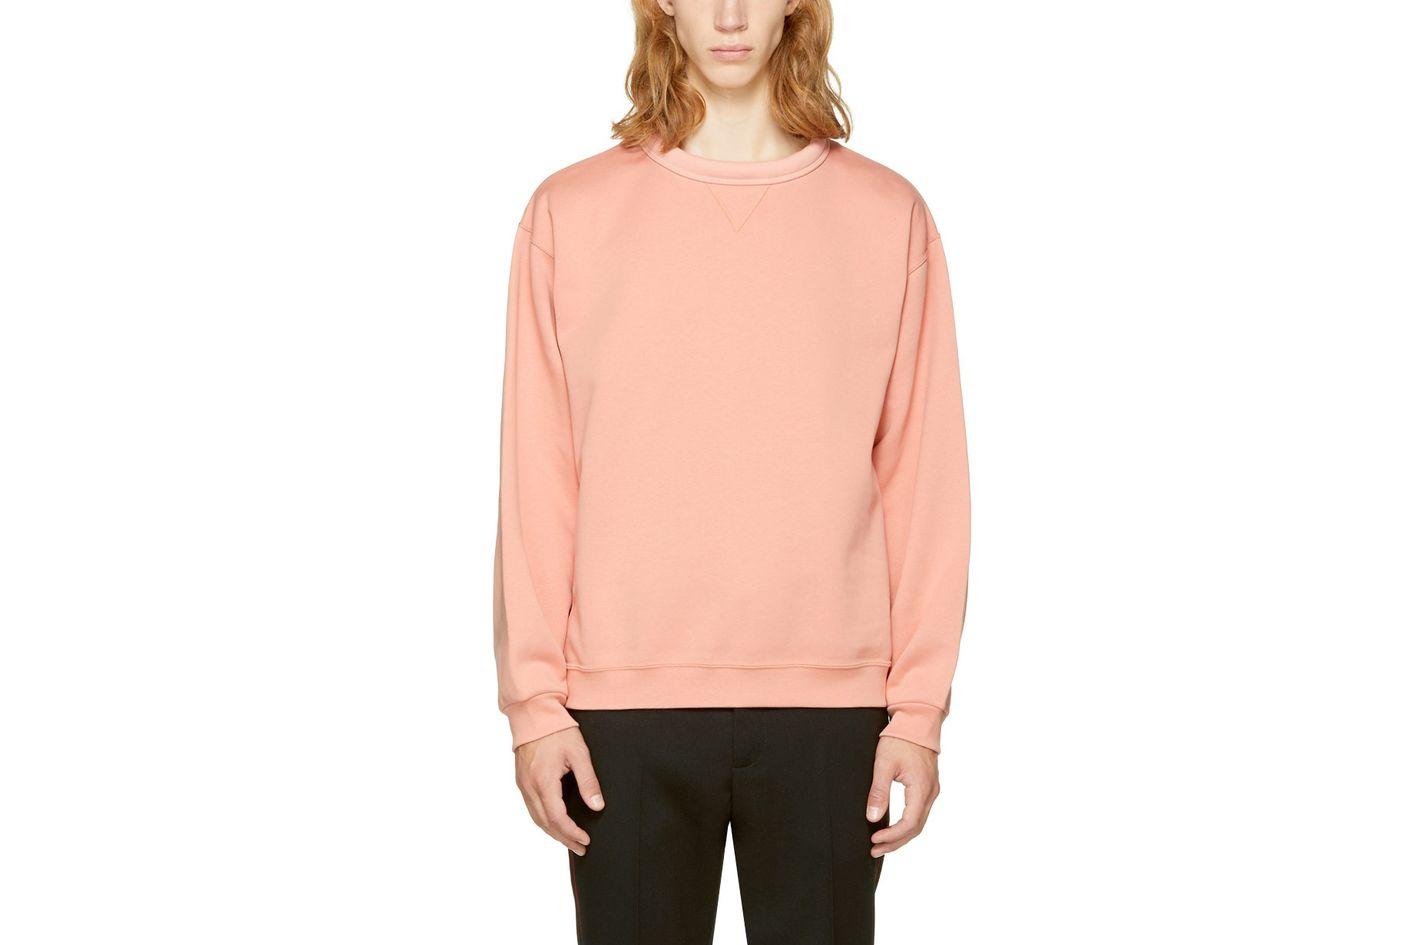 Acne Studios Pink Fint Sweatshirt